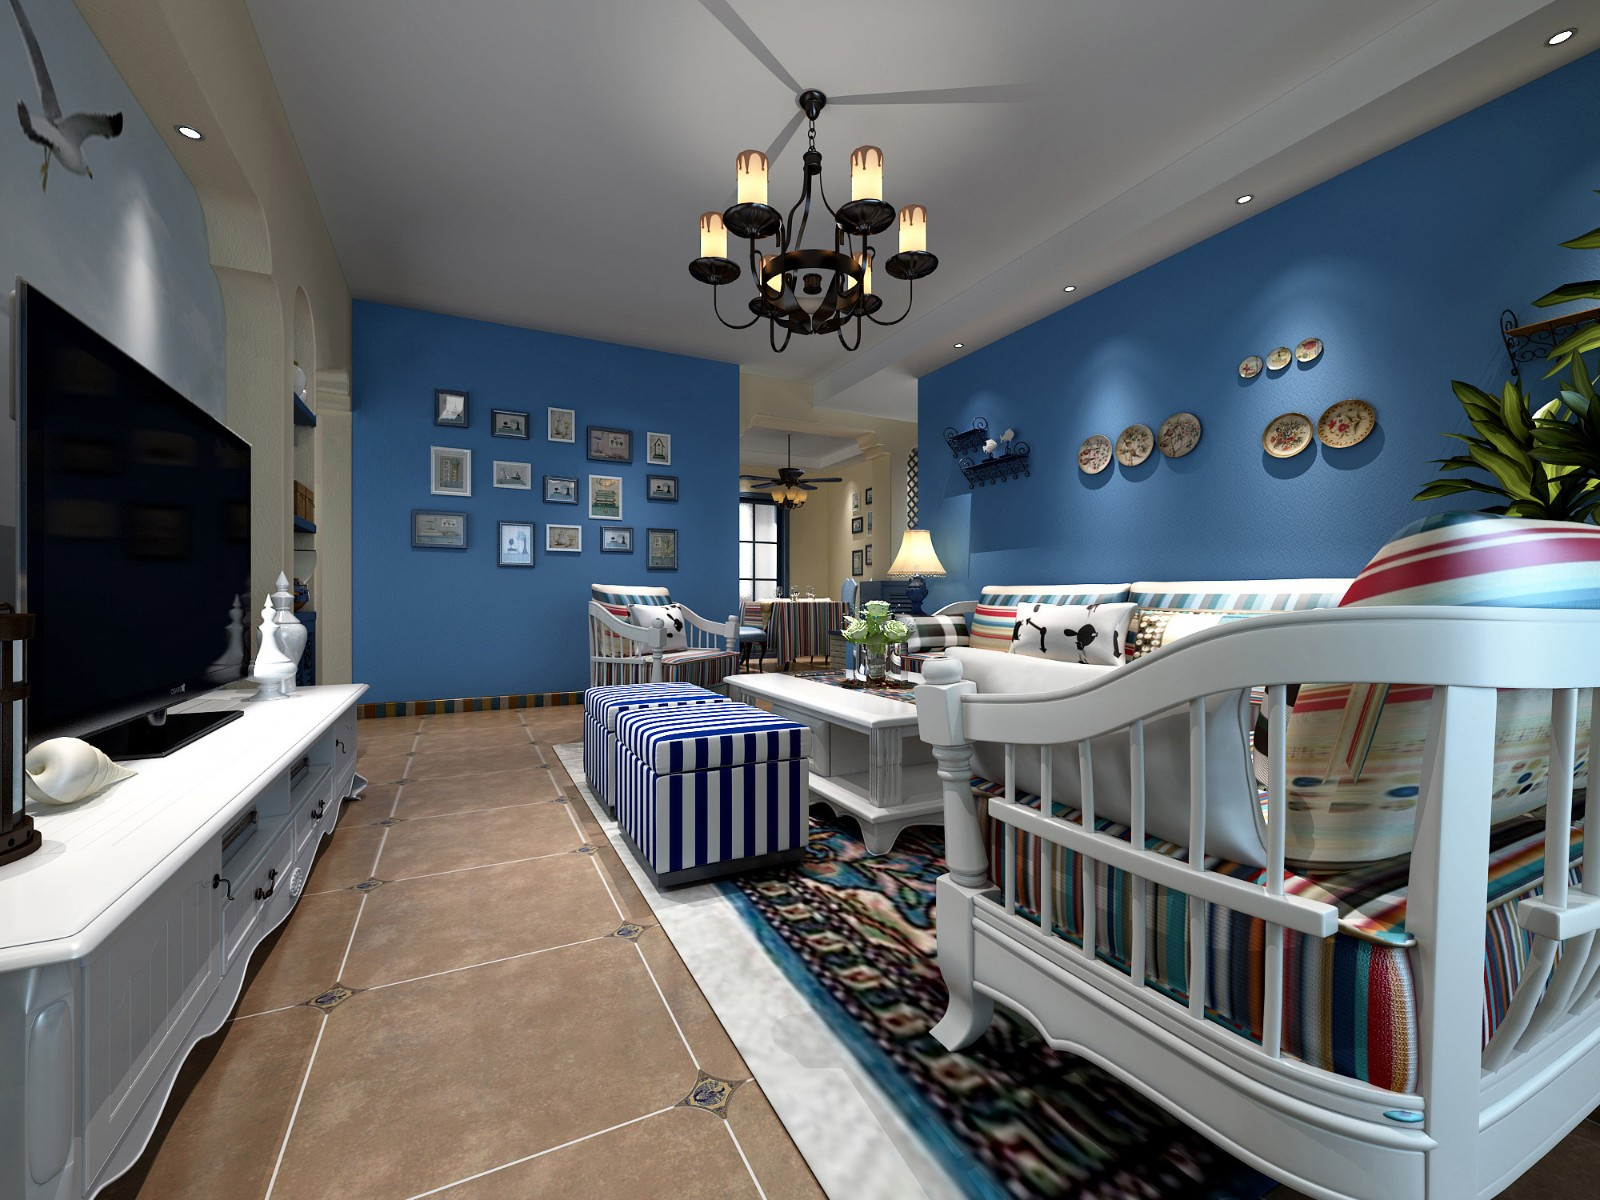 2019地中海客厅装修设计 2019地中海细节装饰设计